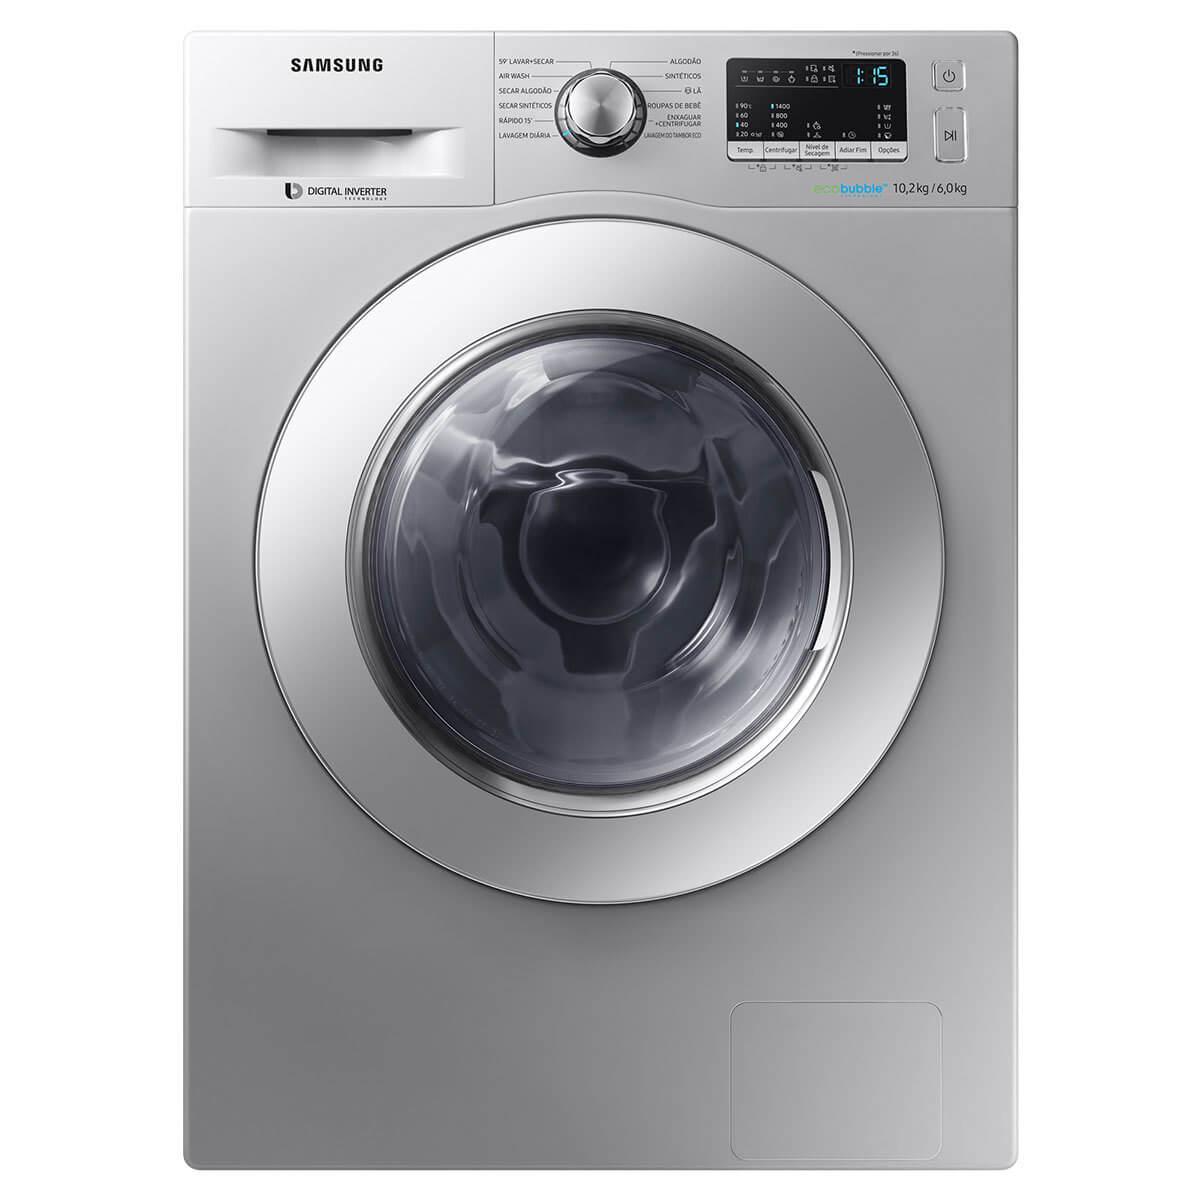 Confira as melhores lavadoras para comprar em 2018. Nessa lista, apresentamos as melhores opções de lavadoras encontradas hoje no mercado brasileiro.